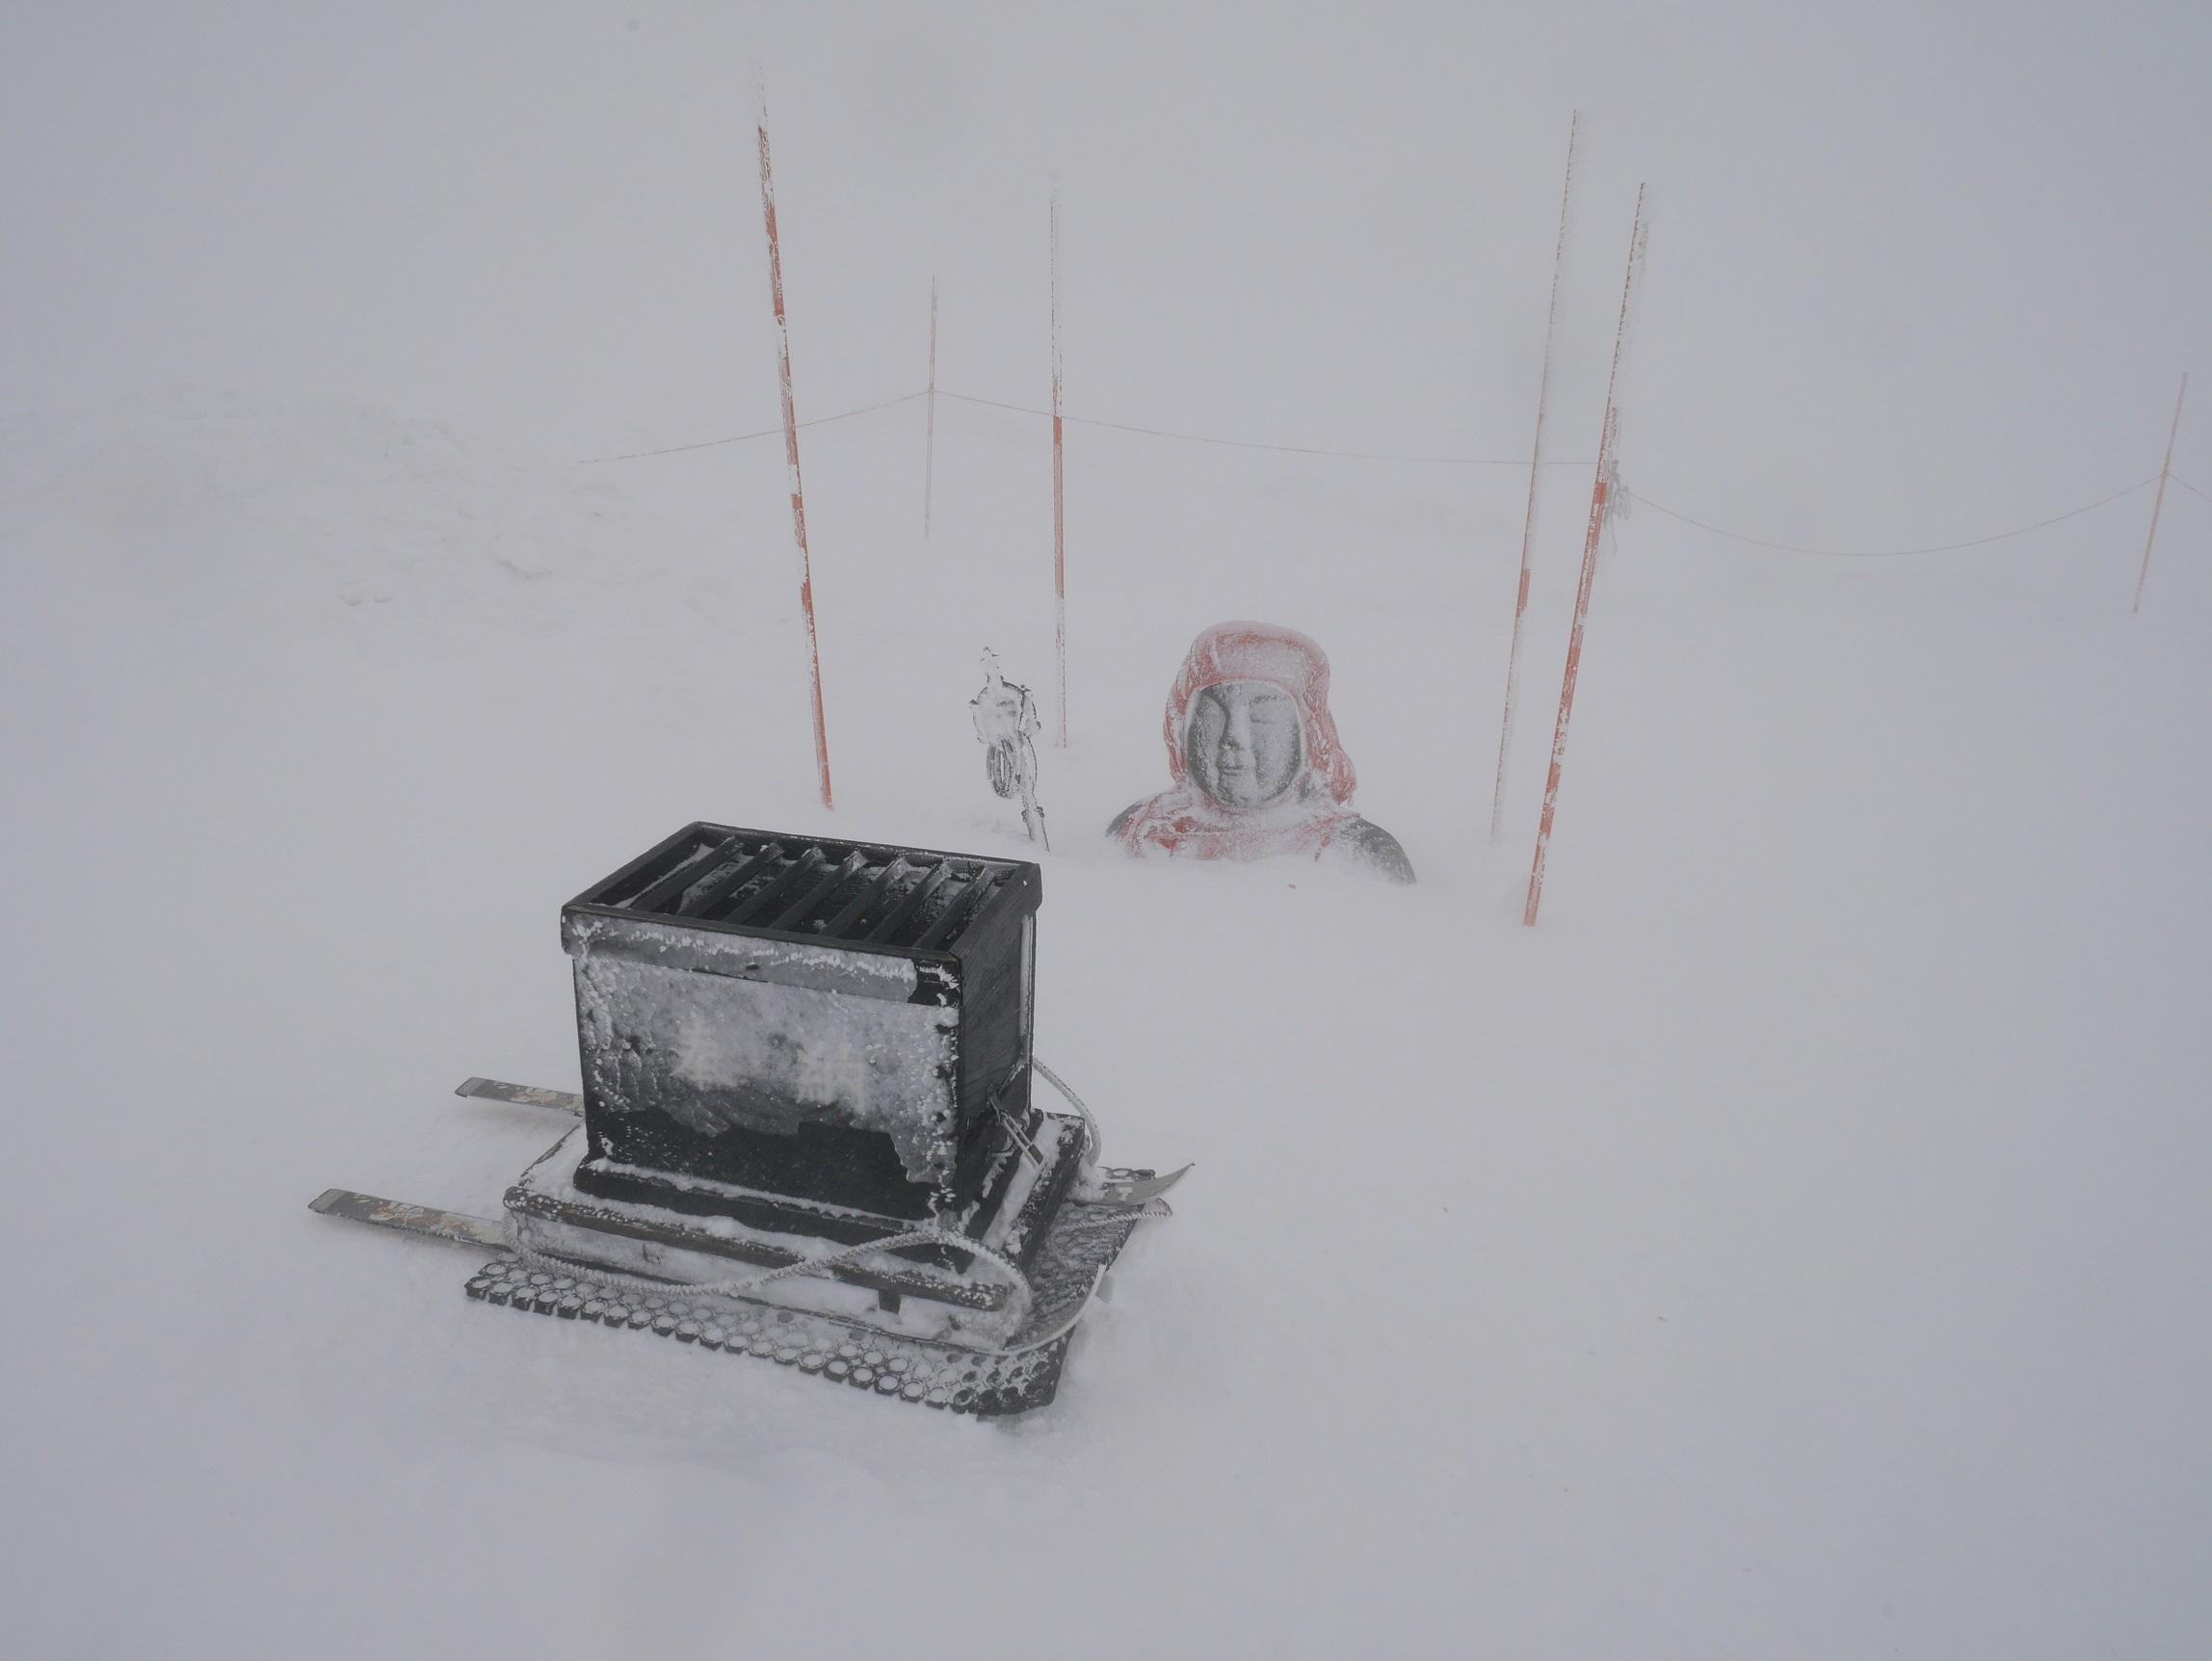 蔵王温泉スキー場_a0351368_23110812.jpg